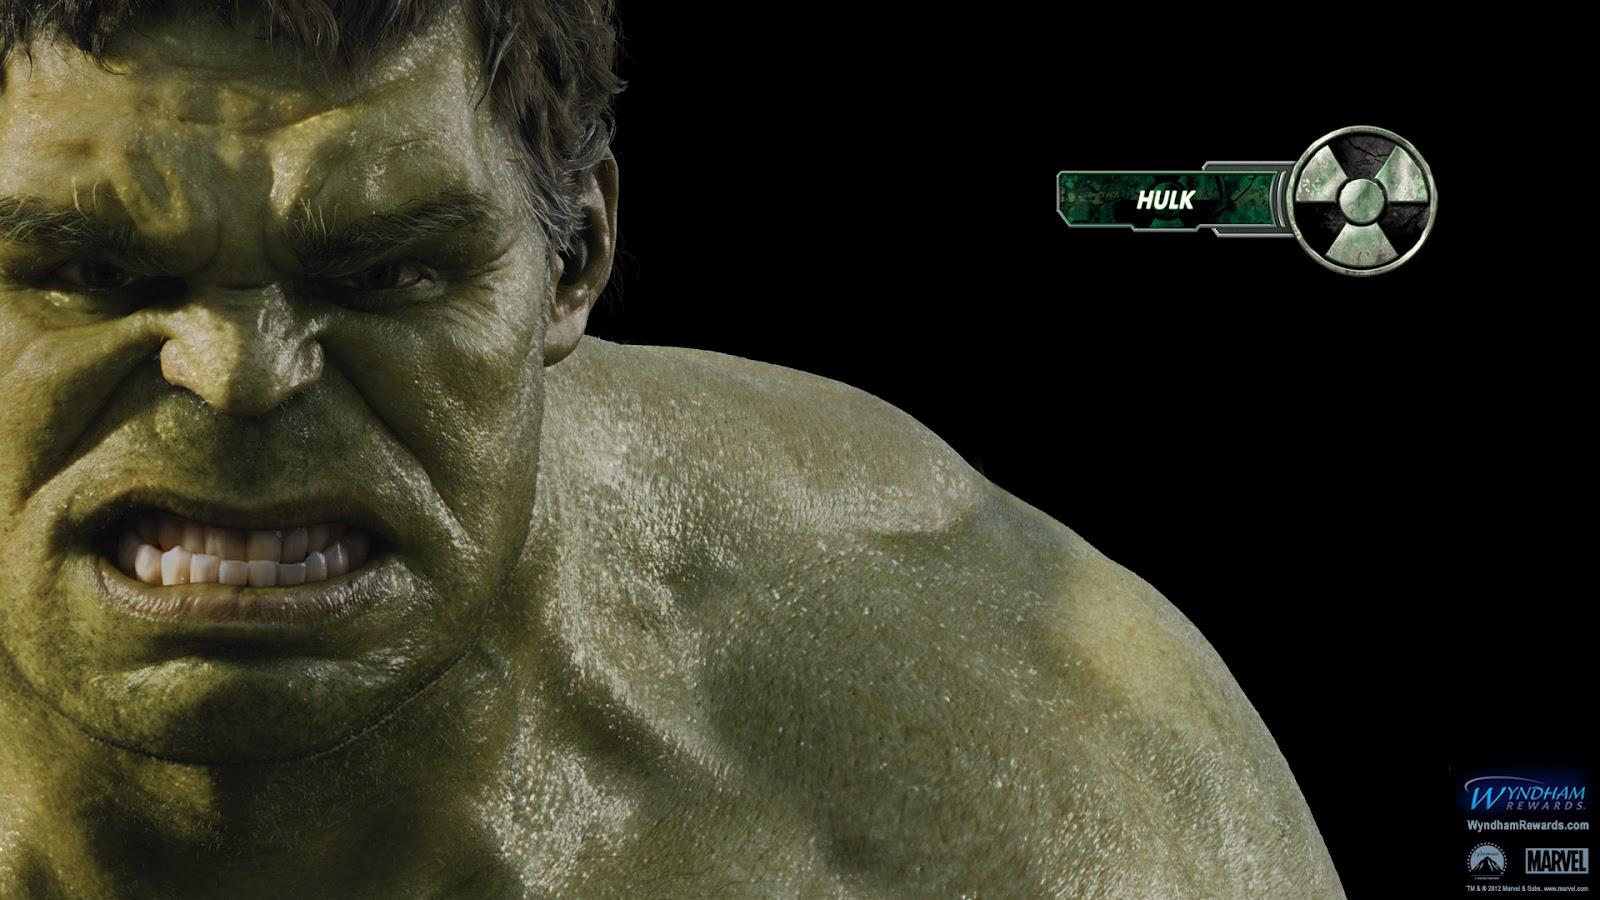 http://2.bp.blogspot.com/-KxBtFUcuVks/T_kHJ6JDARI/AAAAAAAAA_0/wW2O6e4Lt4U/s1600/Os-Vingadores-Hulk-wallpaper.jpg